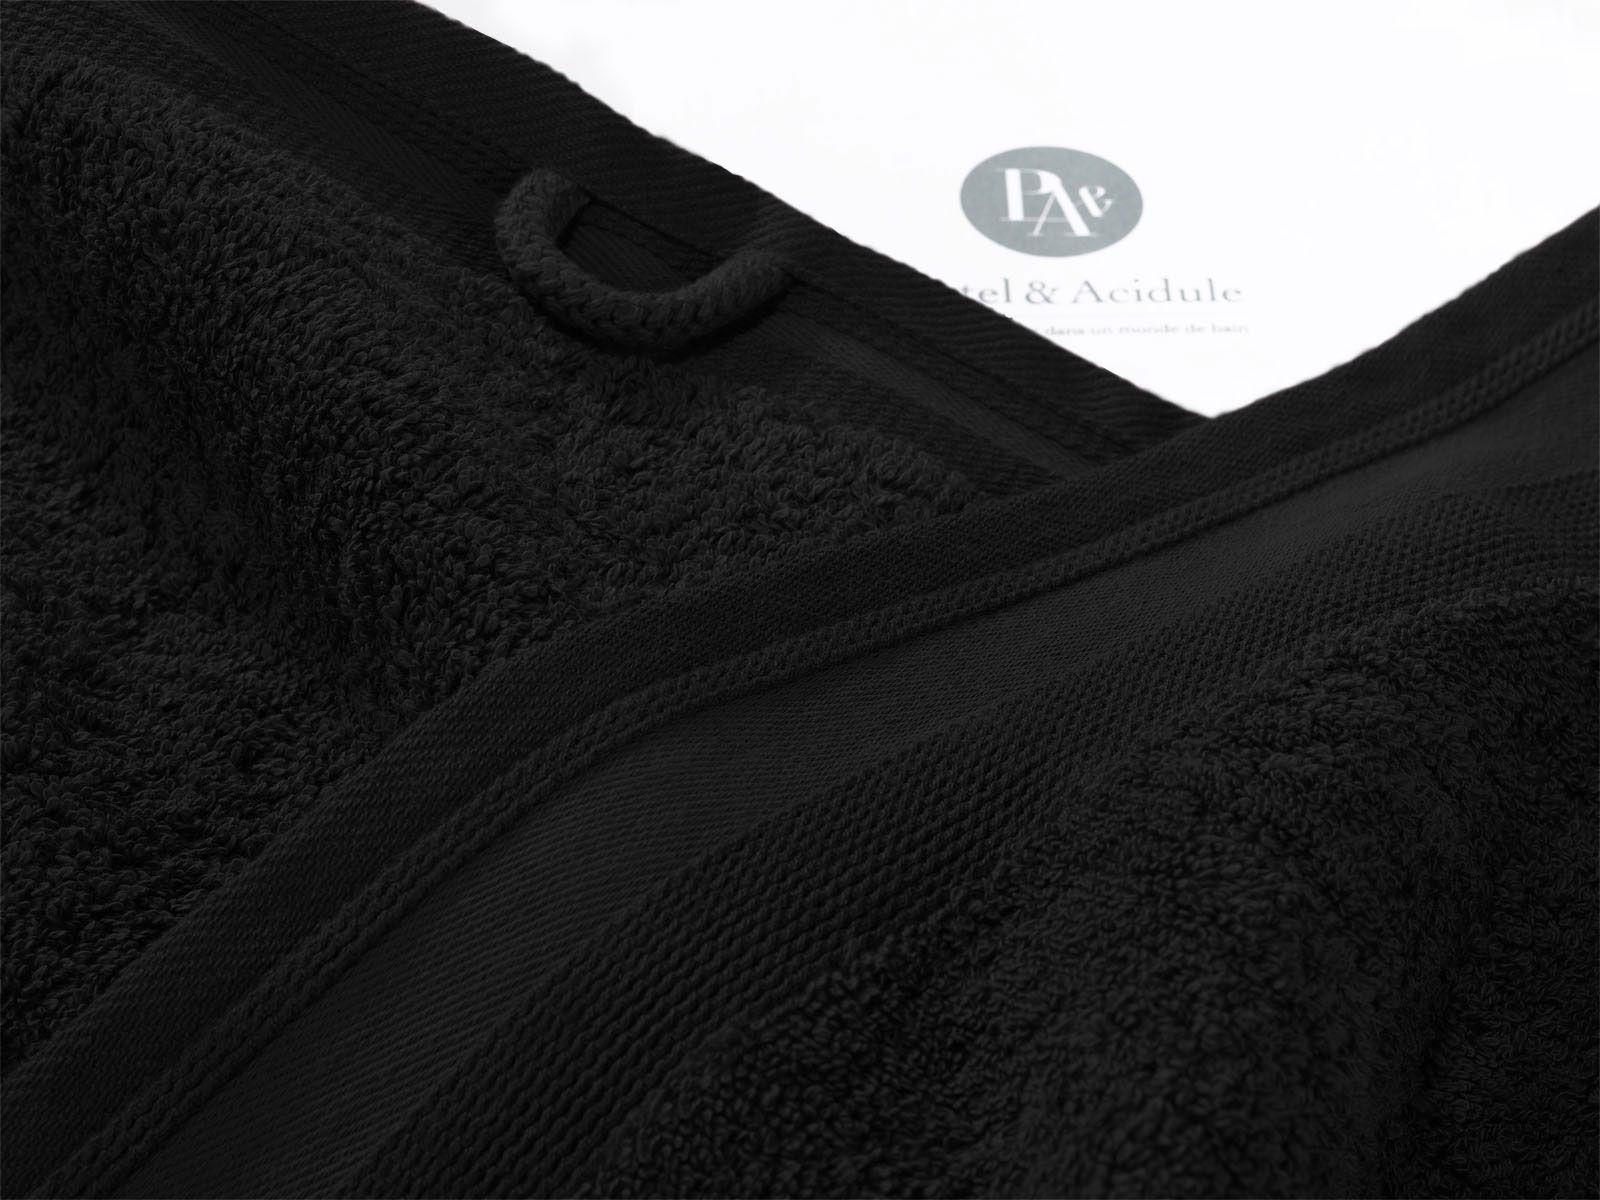 Couleur Vésuve.  Zoom Serviette de Toilette.  50x100 cm - 600gr/m2.    Grâce à son toucher moelleux, cette serviette de toilette de la collection de linge de bain Noir Vésuve deviendra vite votre meilleure complice beauté. Raffinée, agréable comme une caresse, elle respectera votre peau et vos cheveux, pour des moments de quiétude et de volupté.